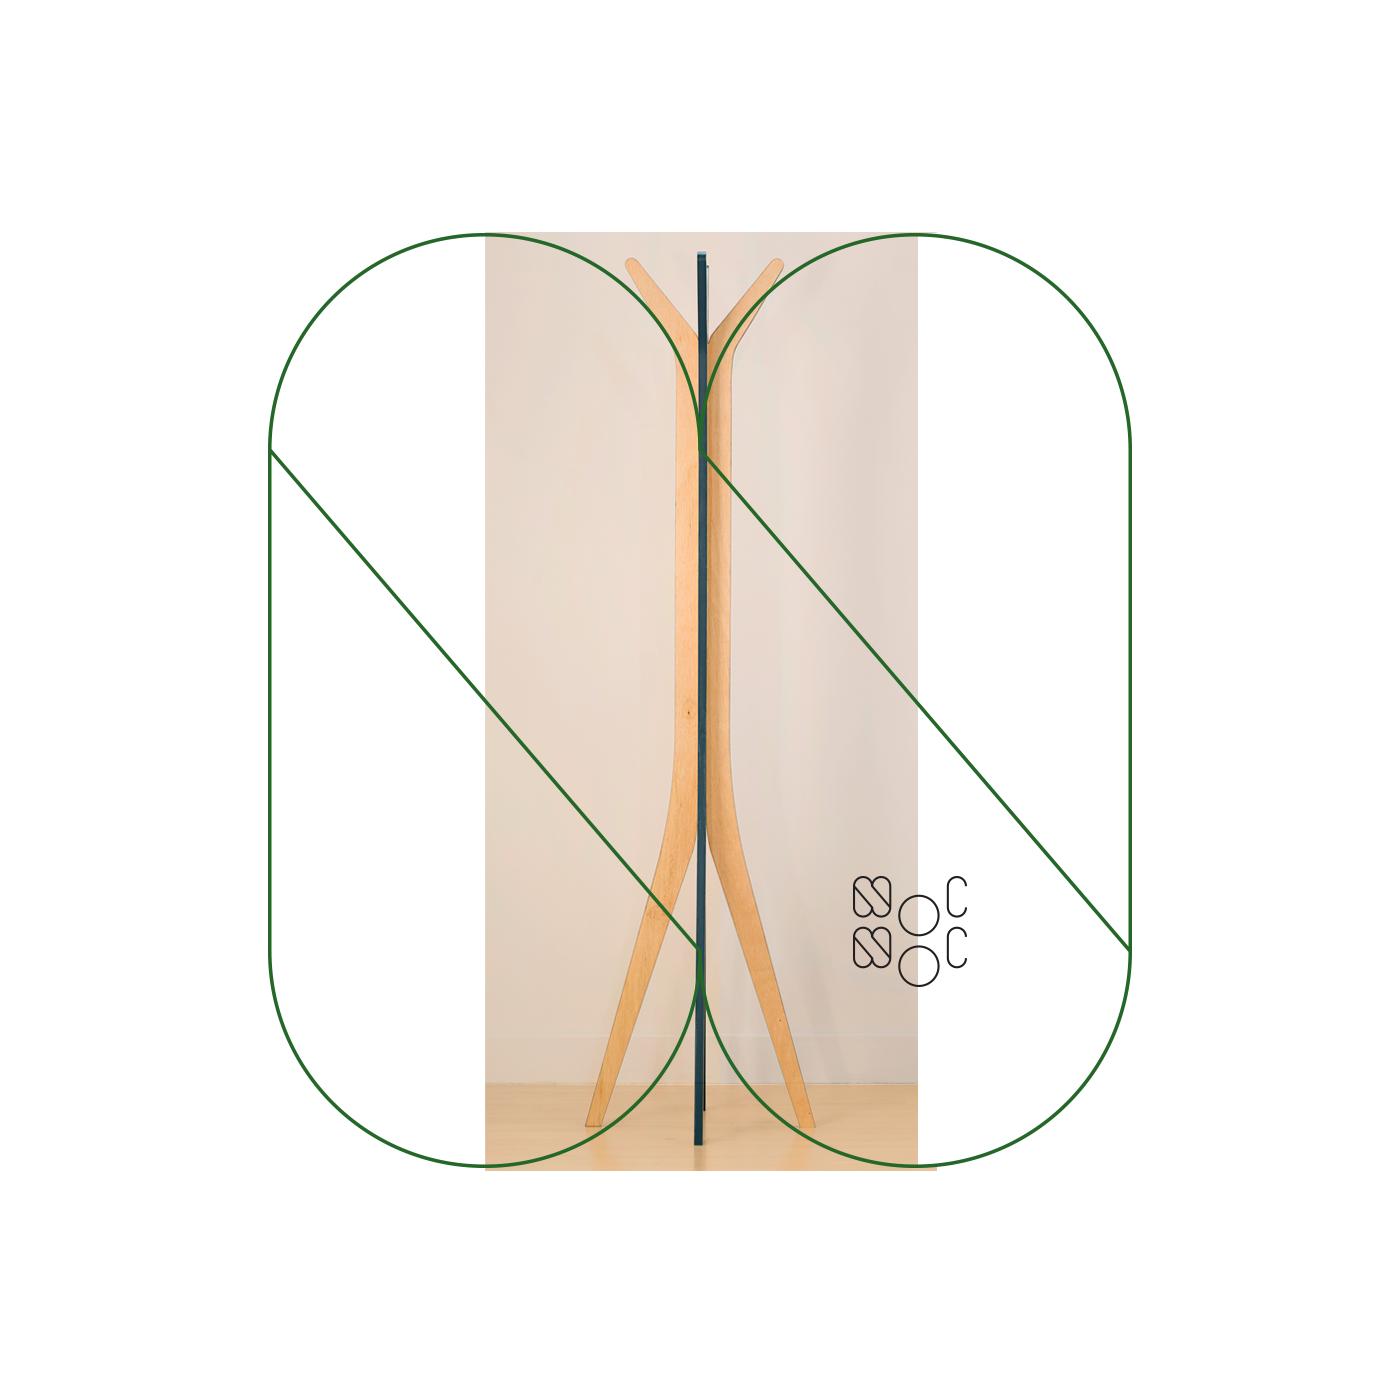 Noc Noc Design